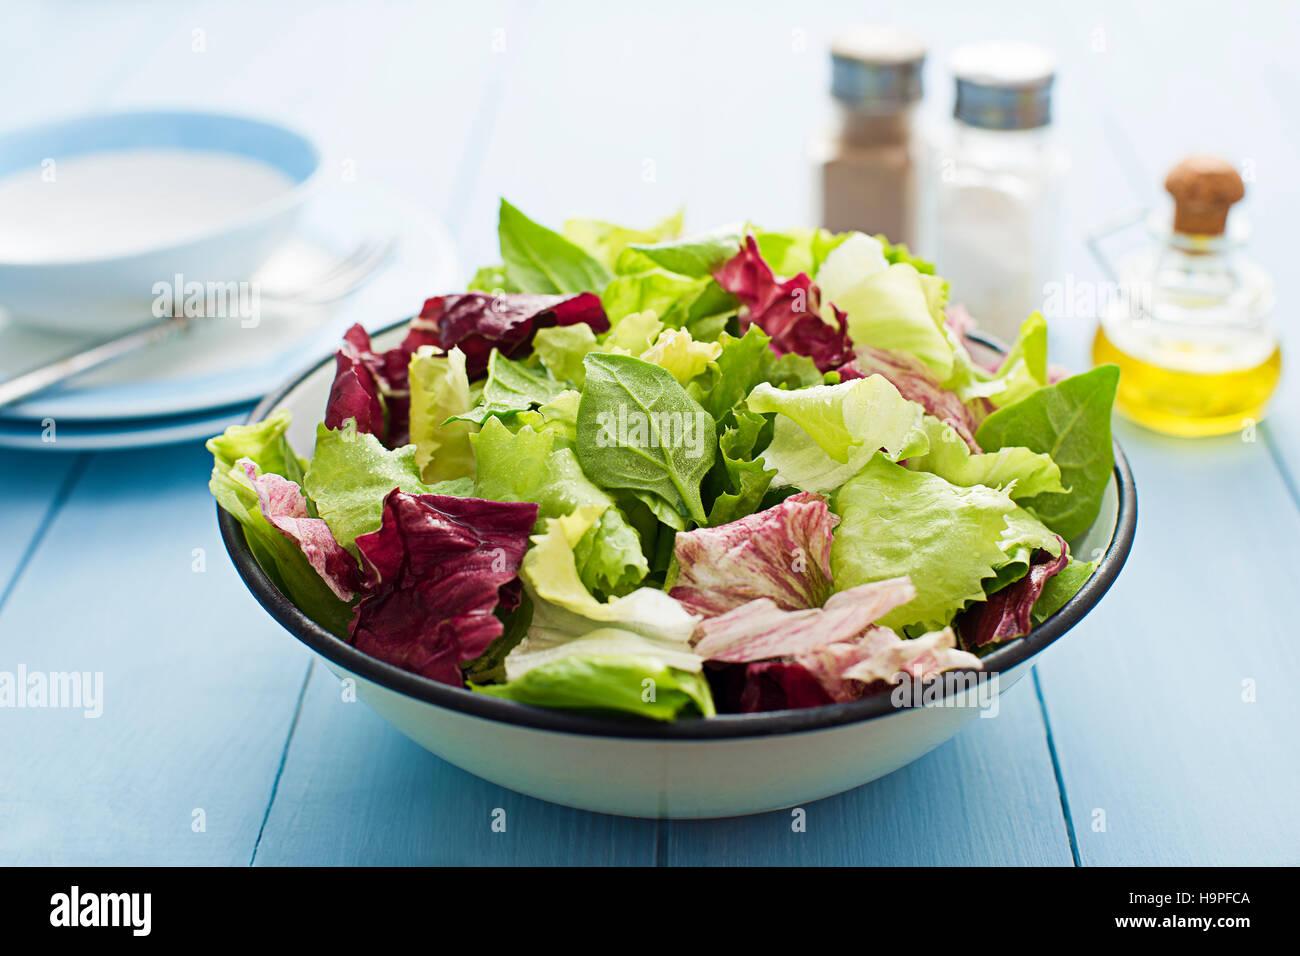 Frischer gemischter Salat in einer Schüssel hautnah Stockbild